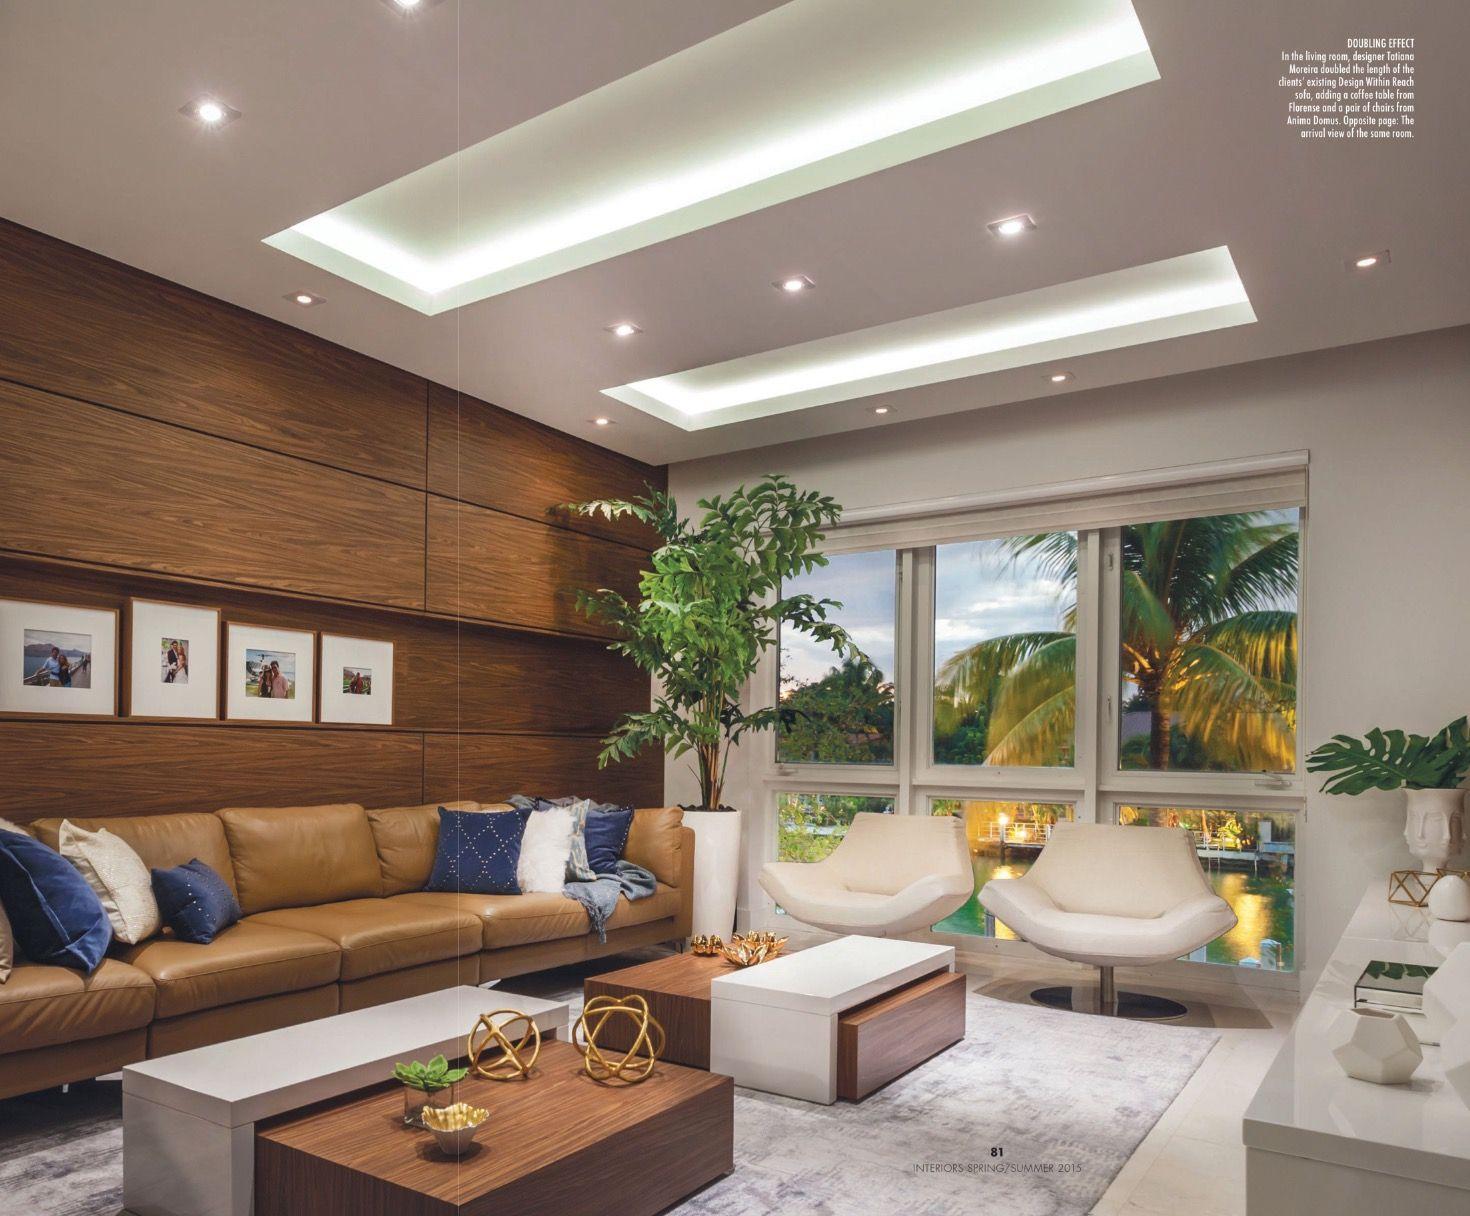 Pin von Max Modern design auf Living room design | Pinterest